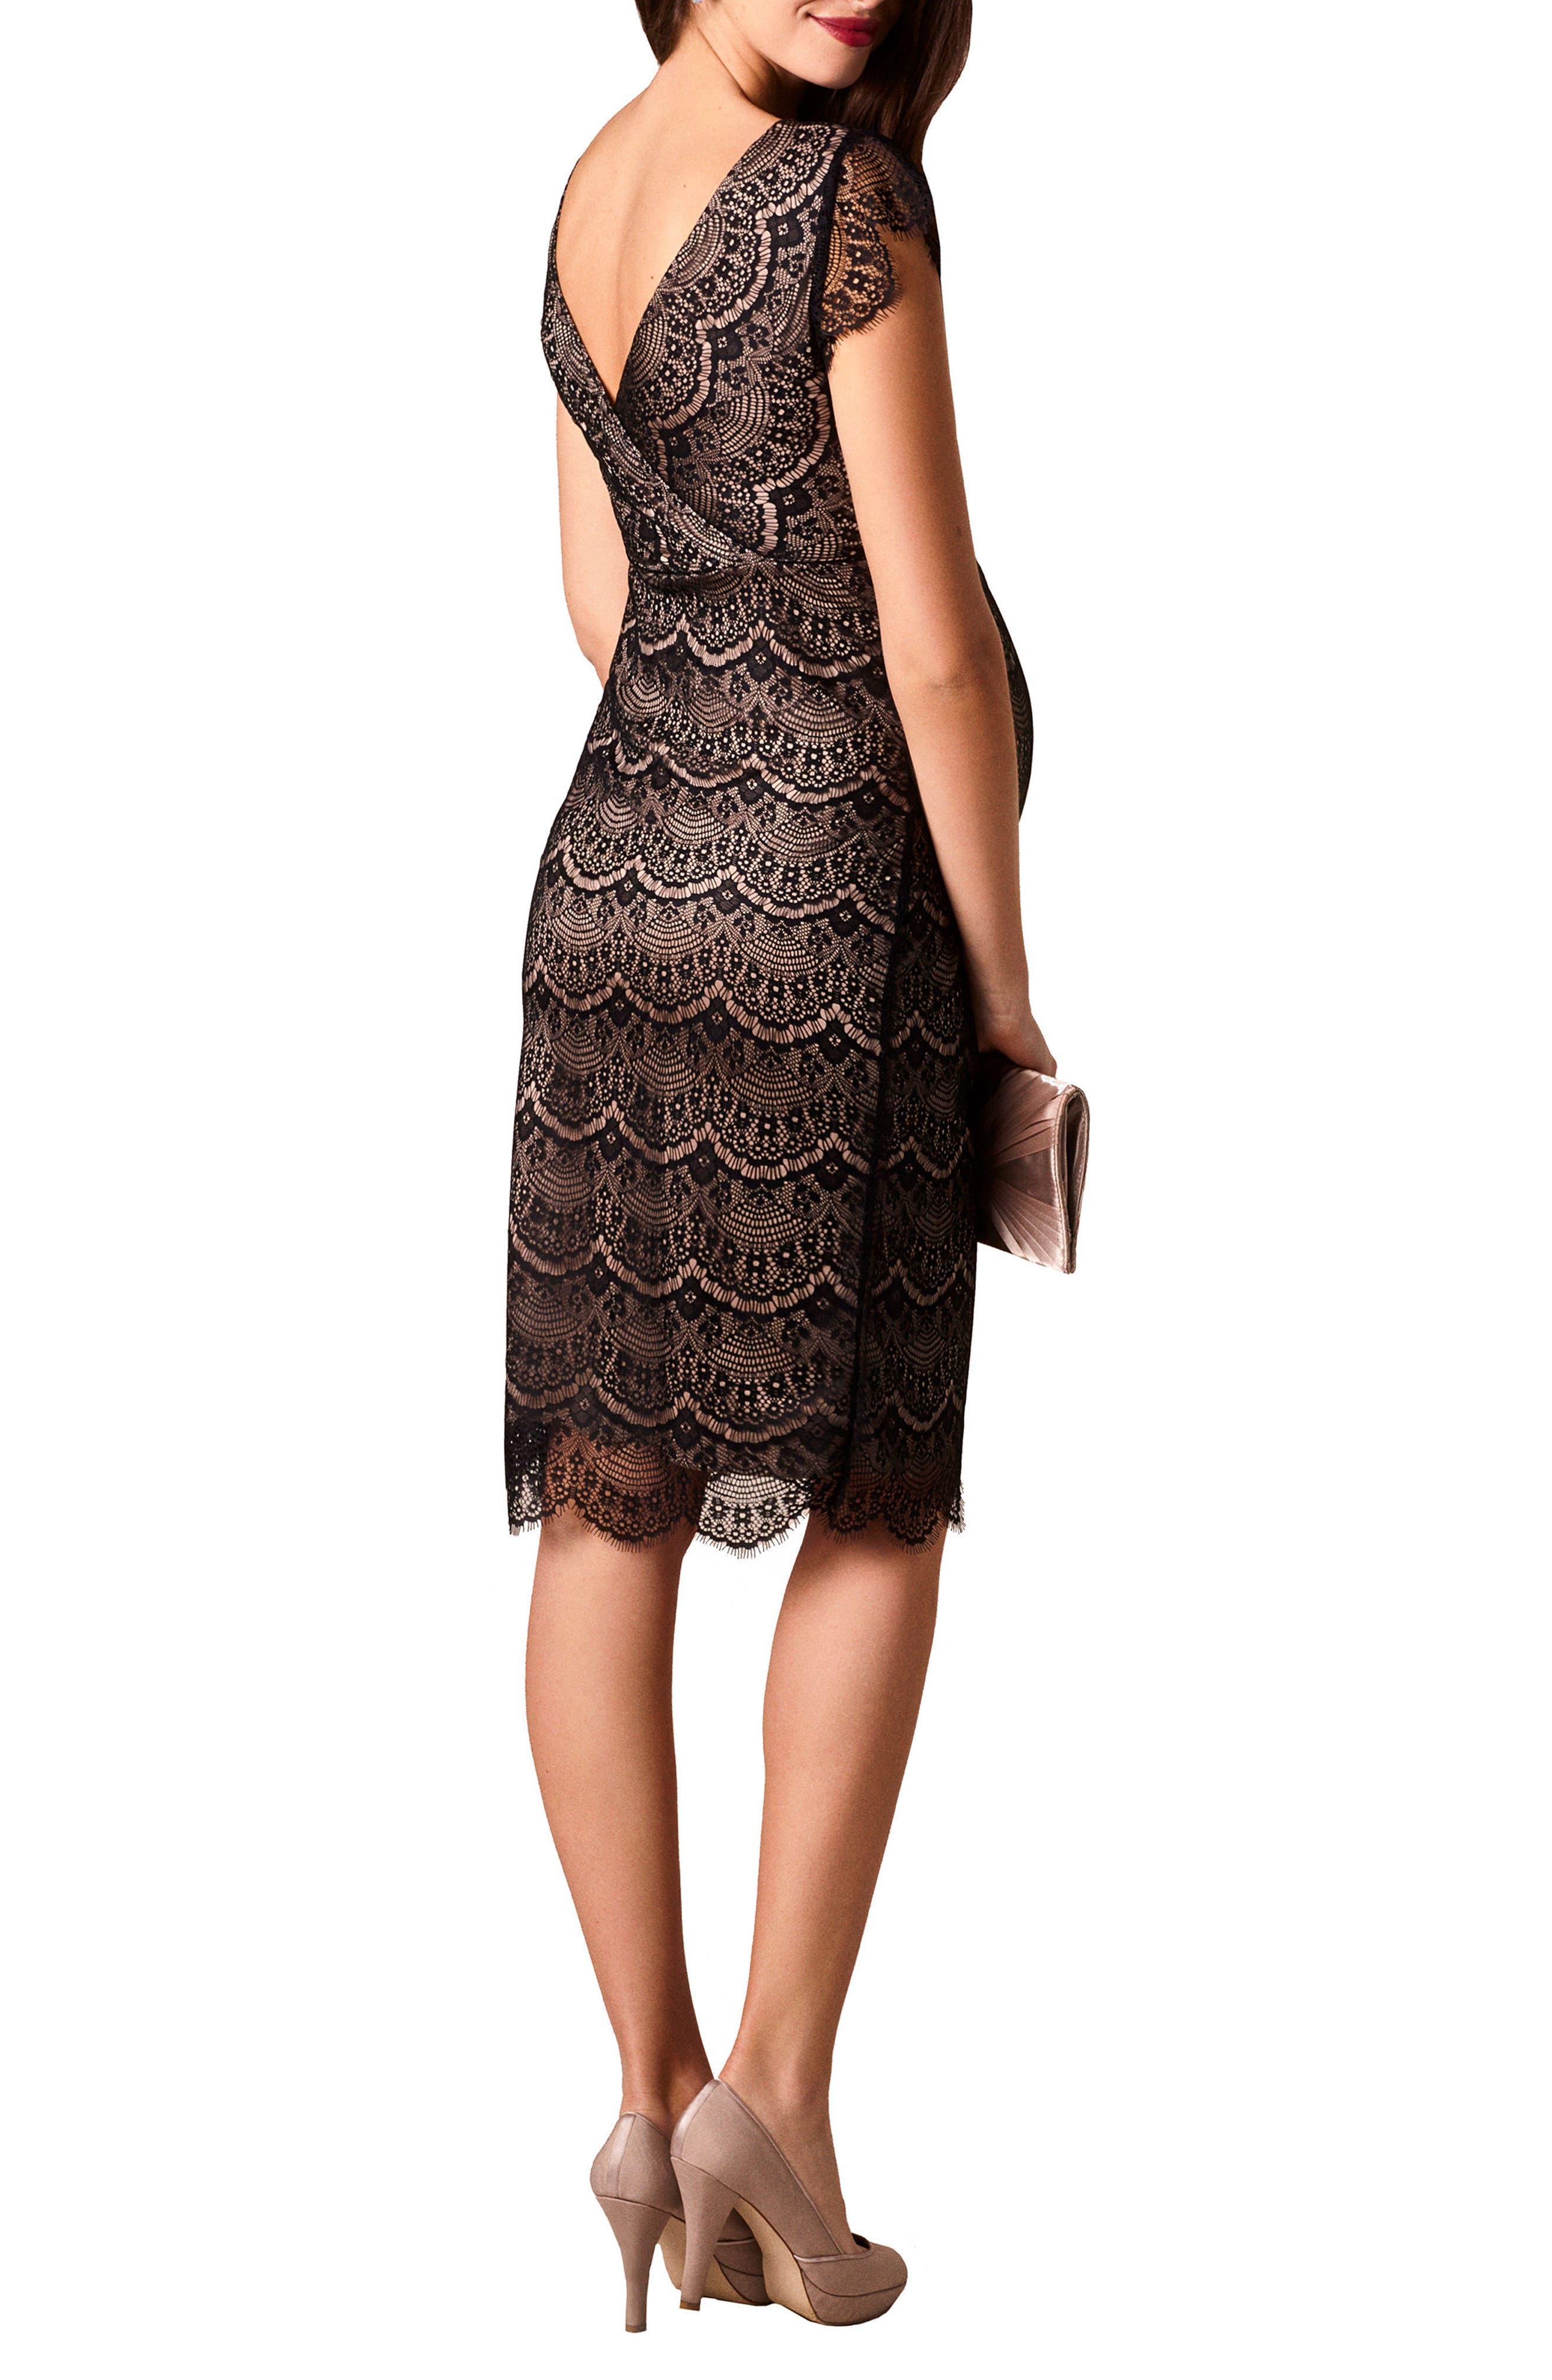 Imogen Maternity Dress,                             Alternate thumbnail 2, color,                             BLACK